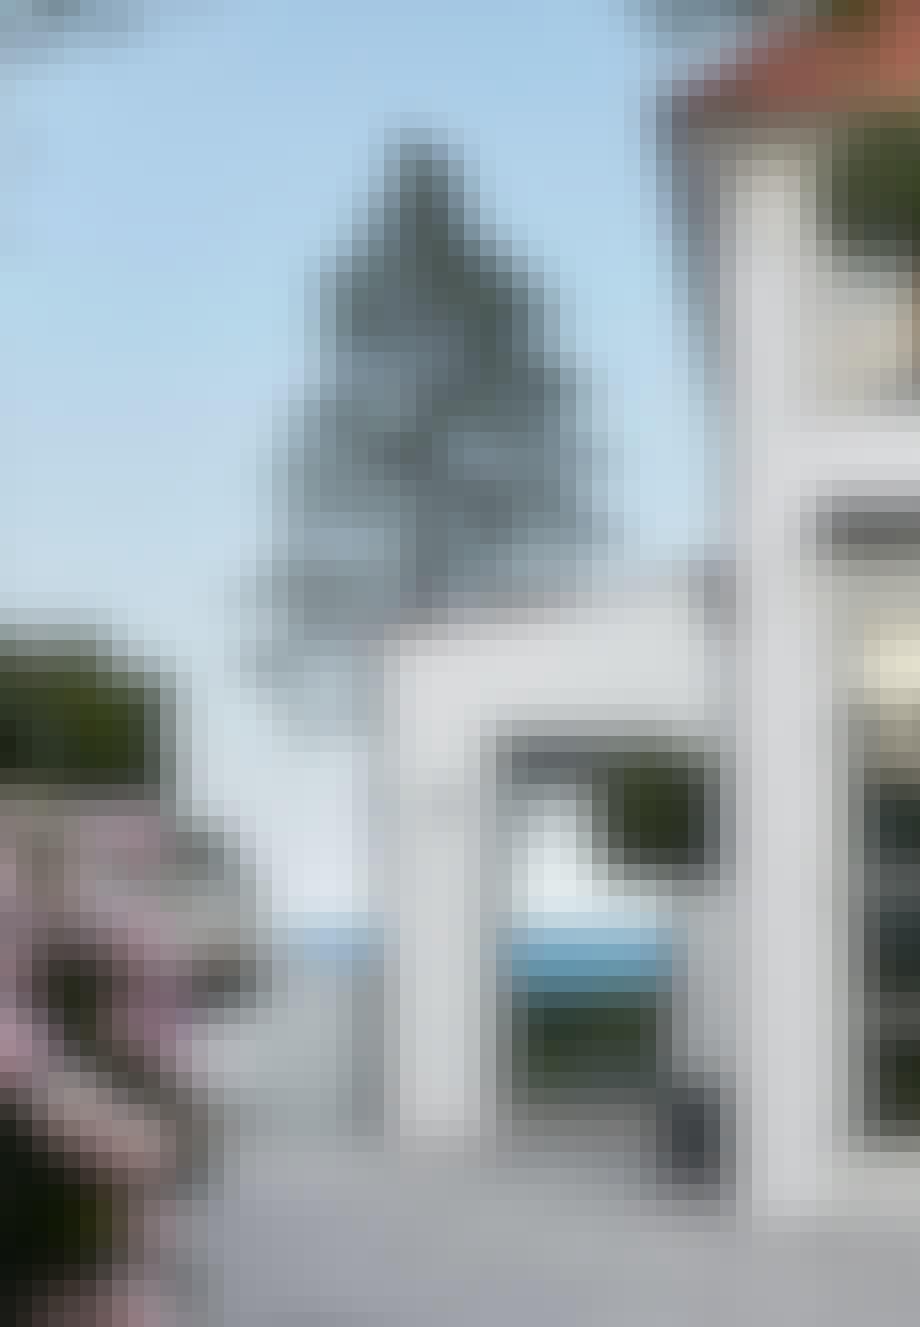 Bolig i Nordsjælland med gennemsigtighed